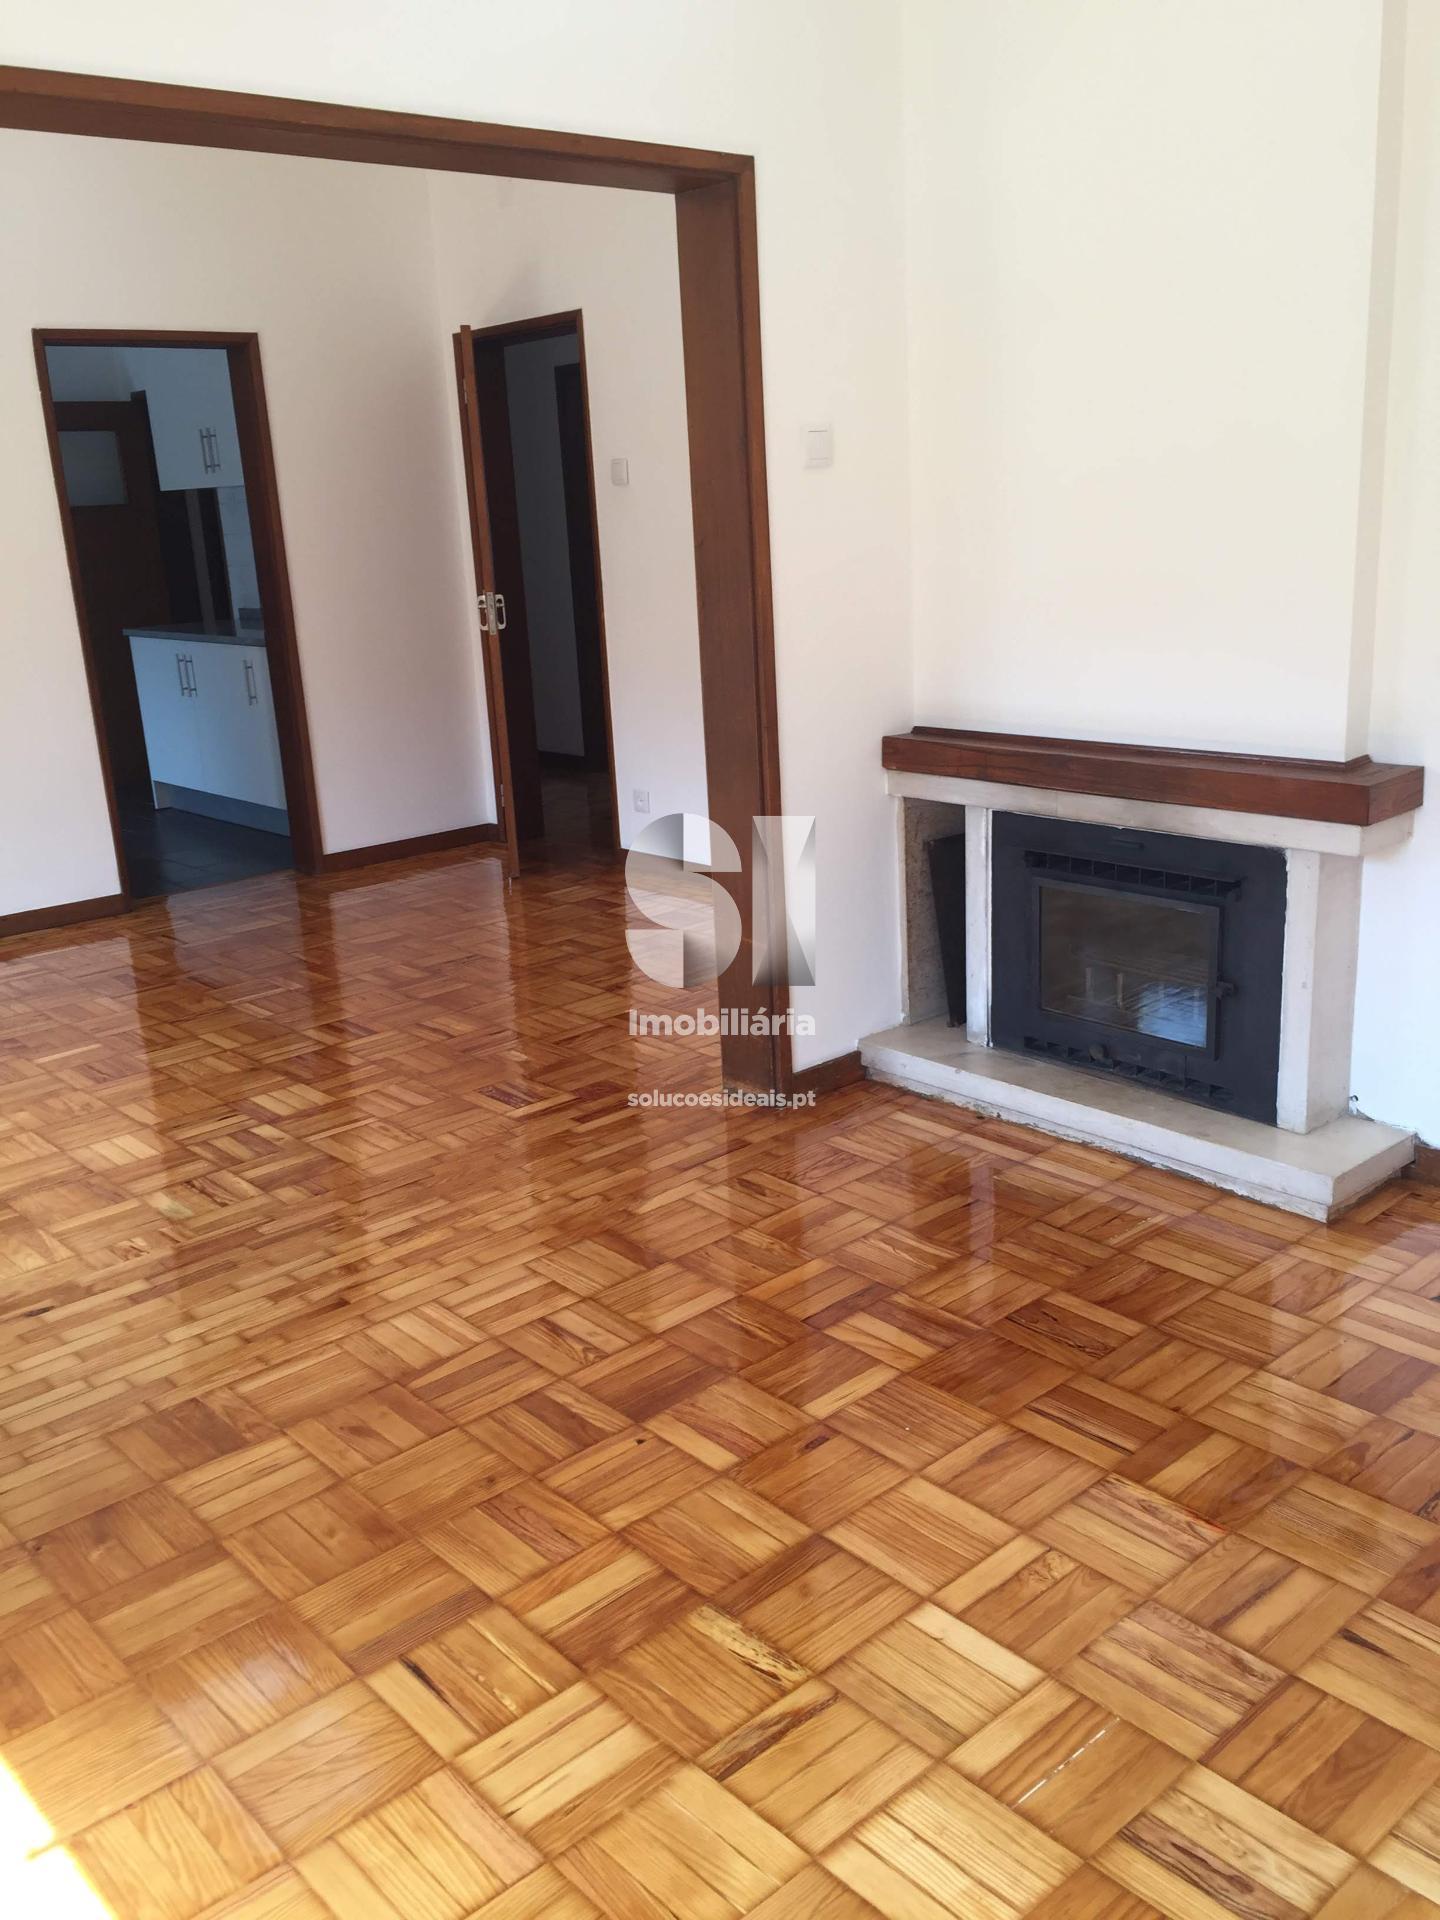 apartamento t41 para arrendamento em coimbra santo antonio dos olivais celas CELGD2692